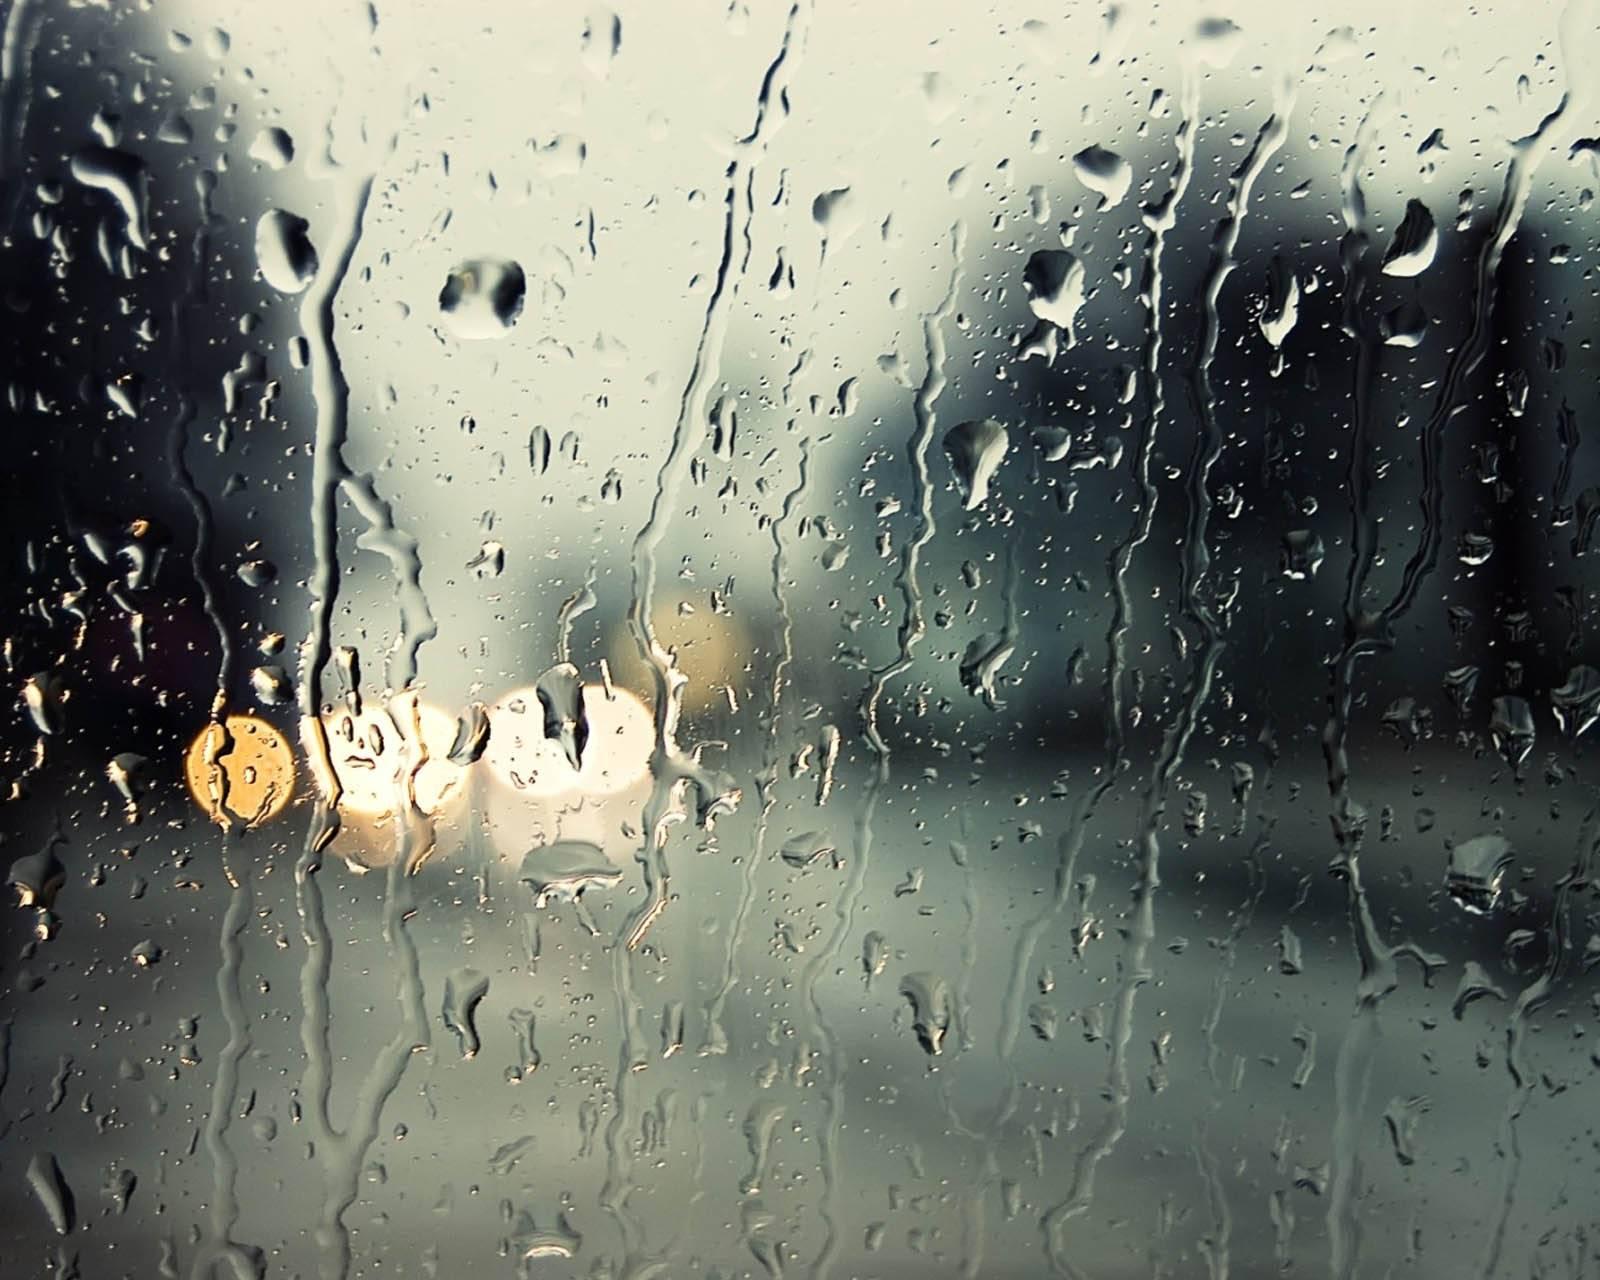 Rainy Screen